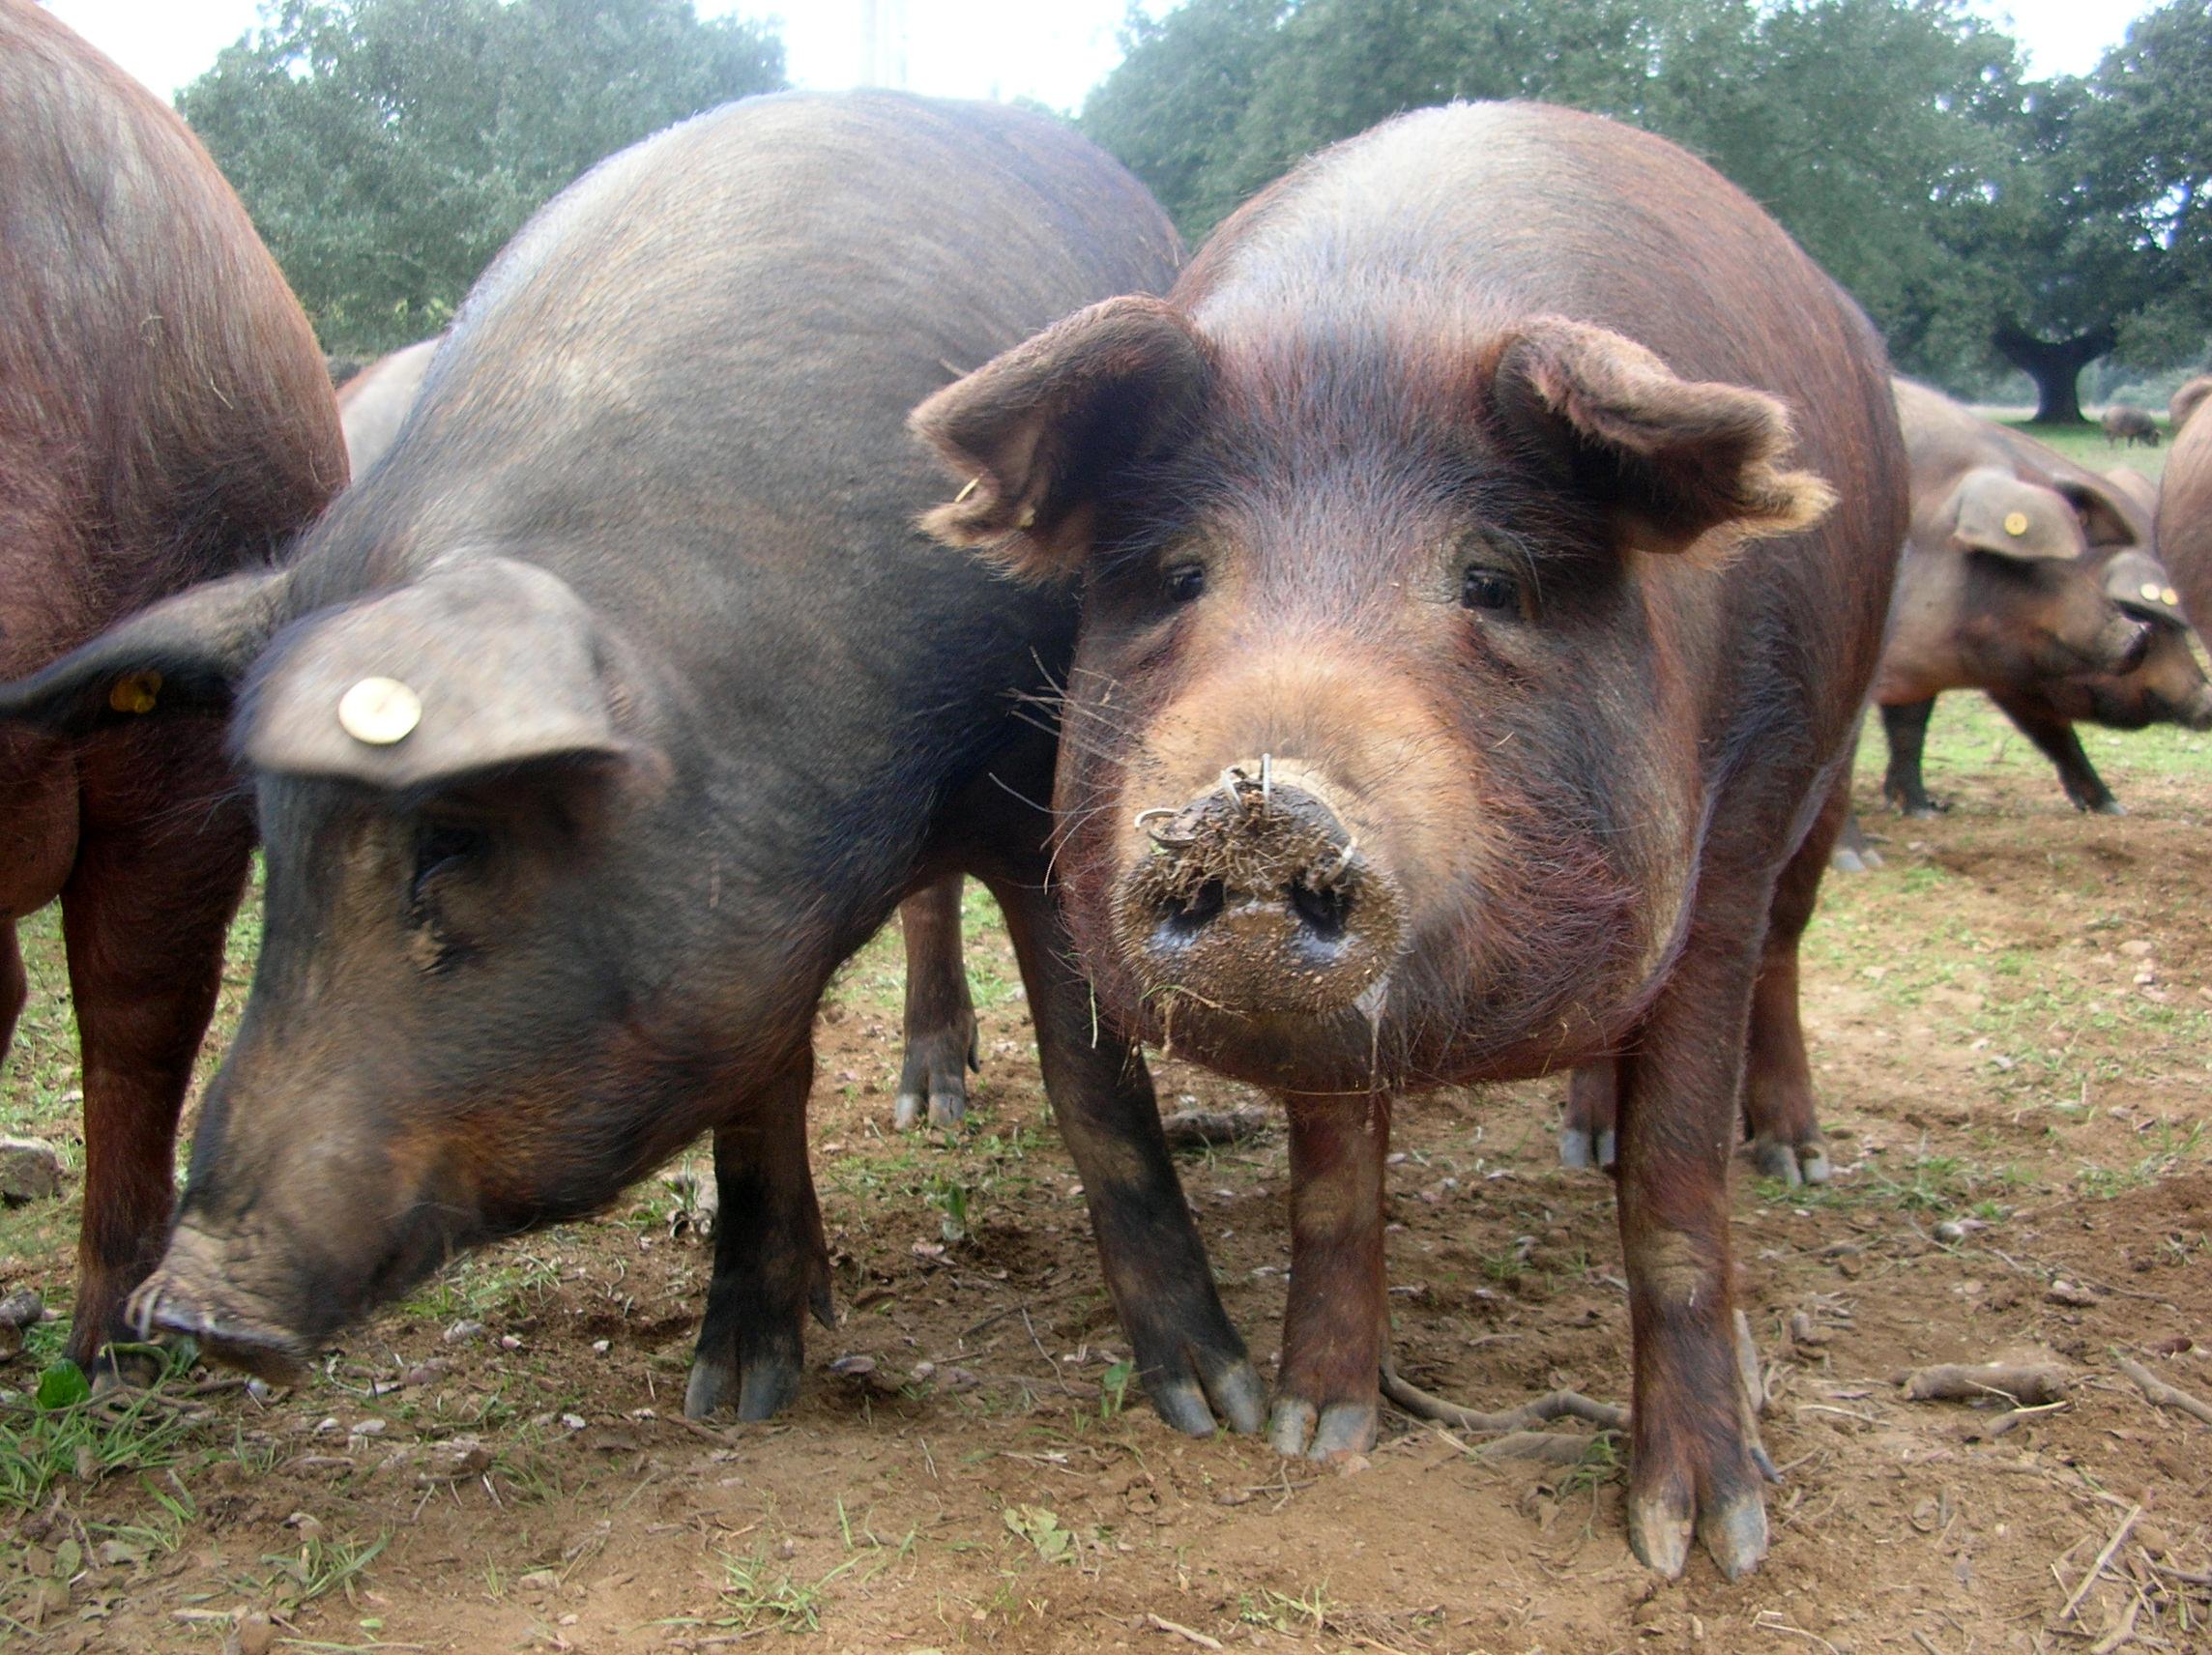 Archivo:Porc ibérique Cerdo ibérico.JPG - Wikipedia, la ...